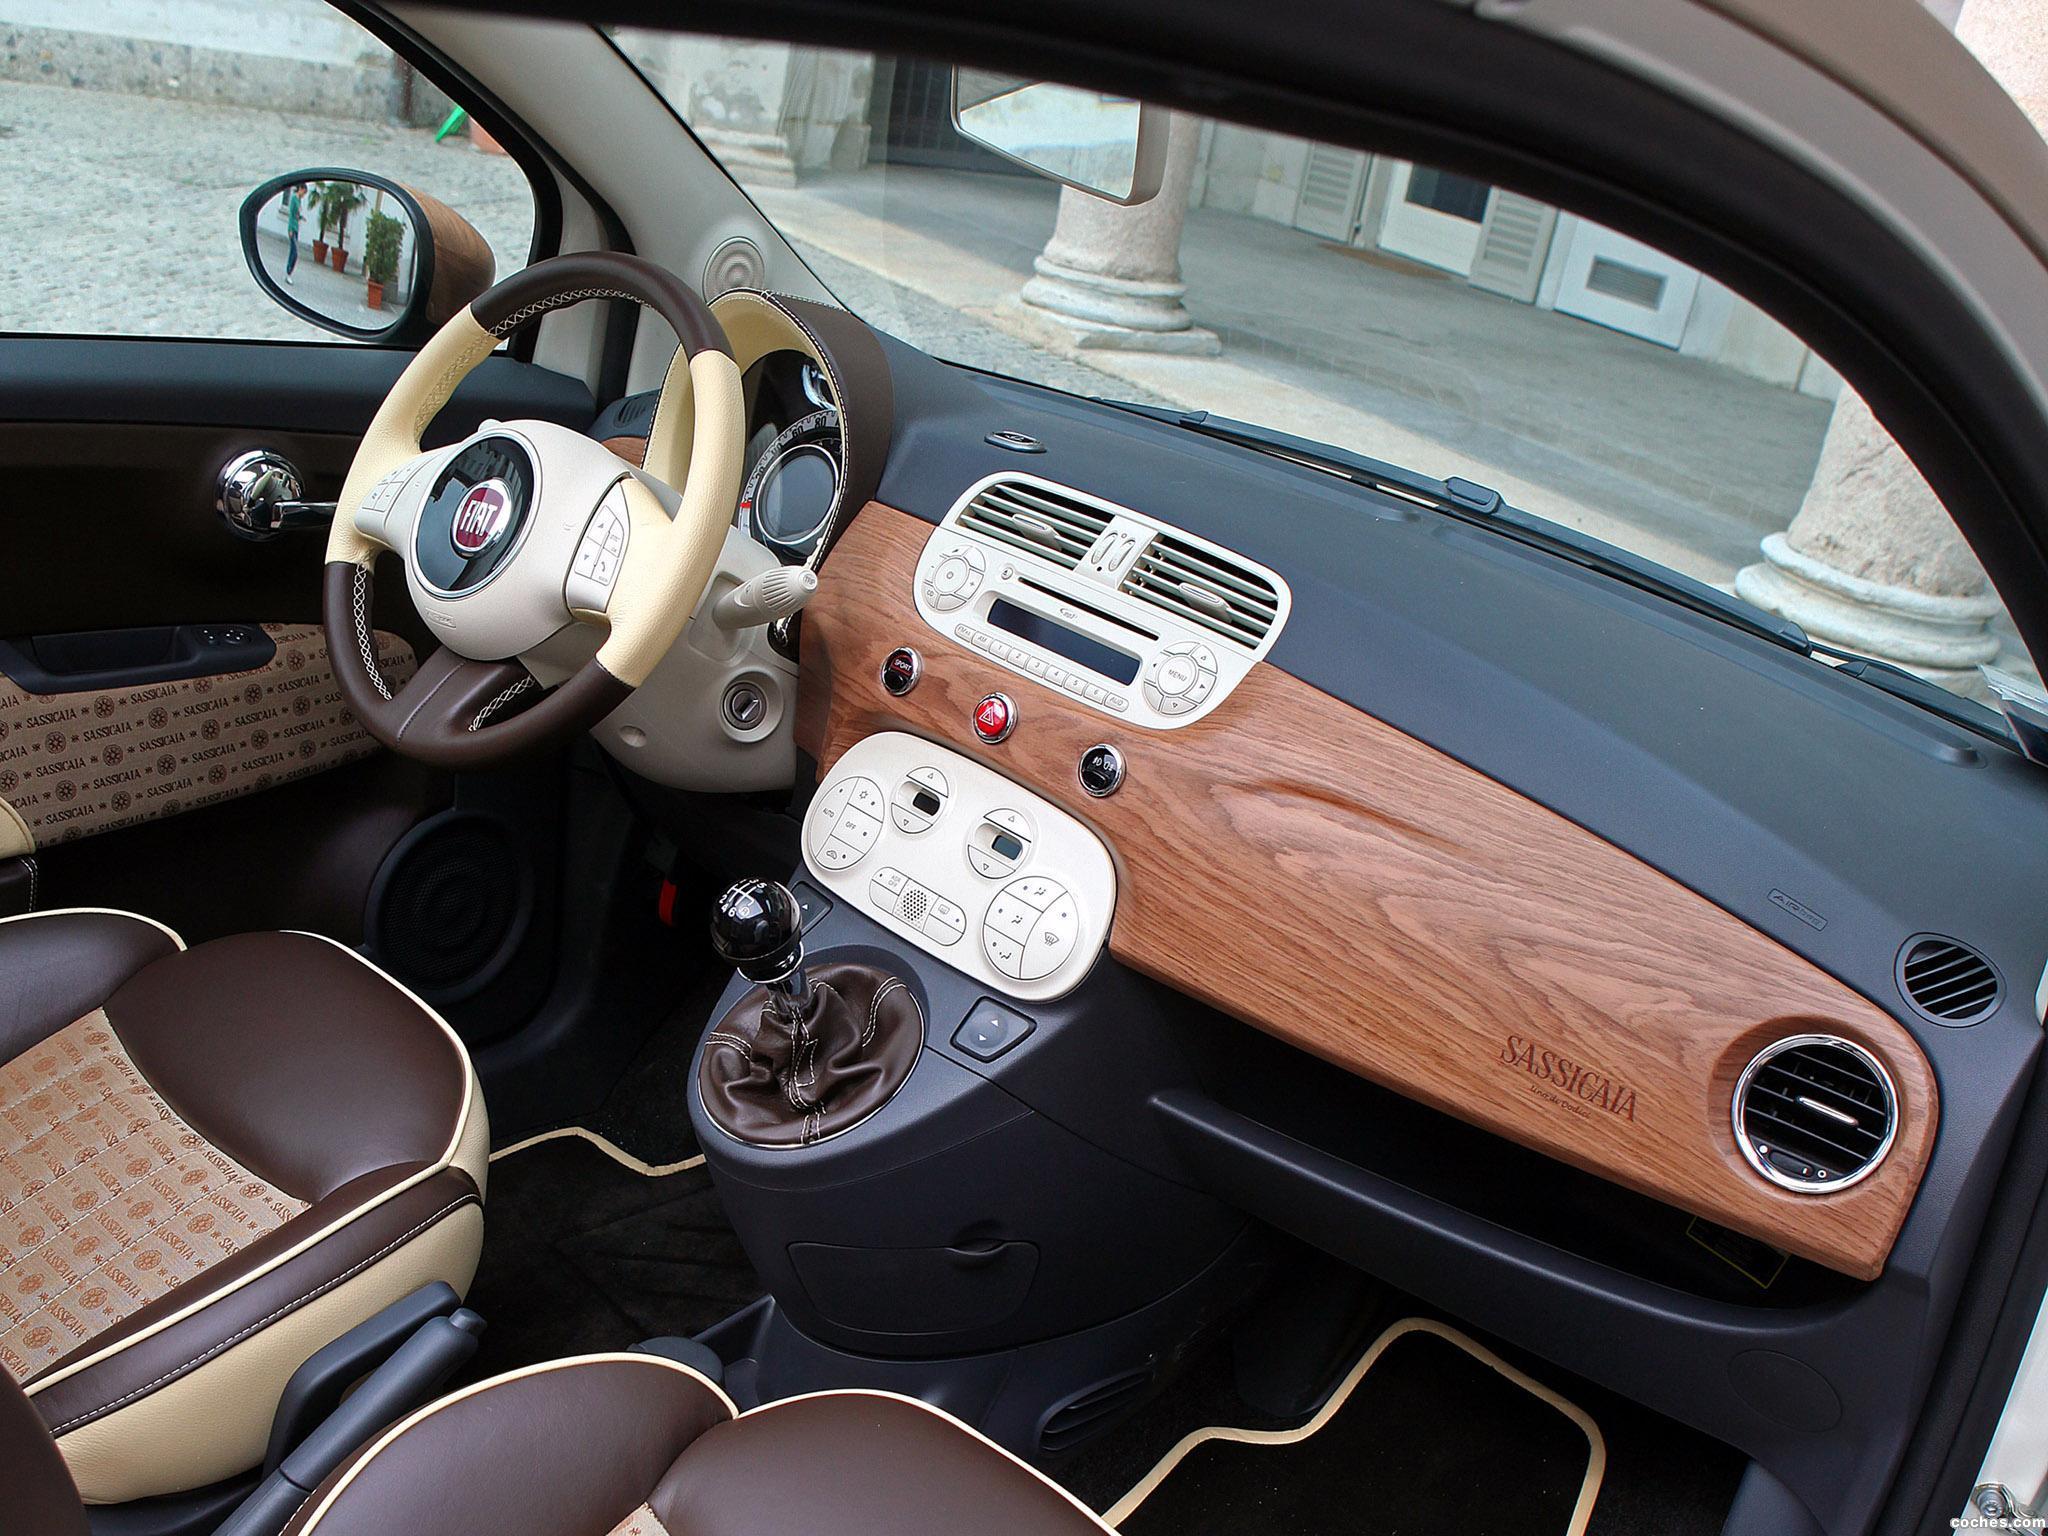 Foto 8 de Aznom Fiat 500C Sassicaica Limited Edition 2010